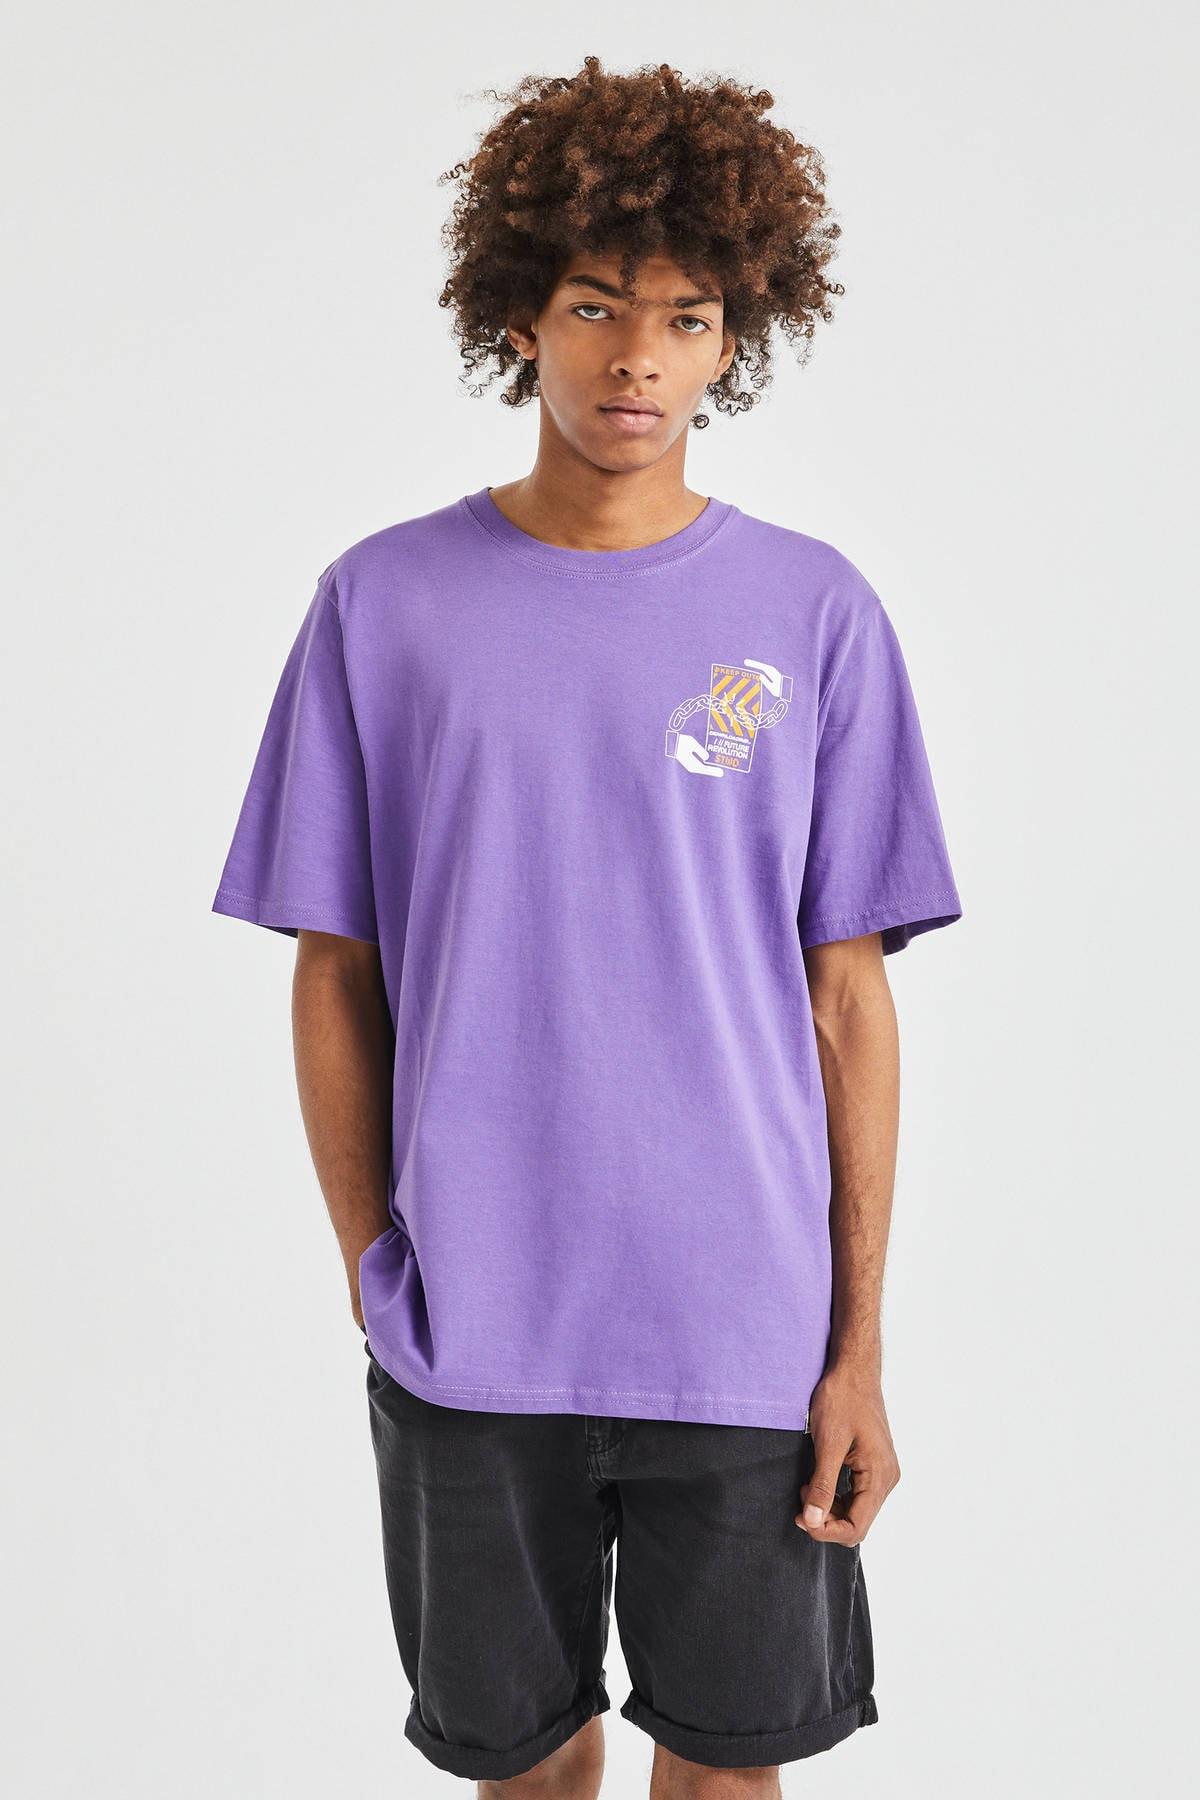 Pull & Bear Erkek Koyu Mor 3D Küp Desenli T-Shirt 09247566 0